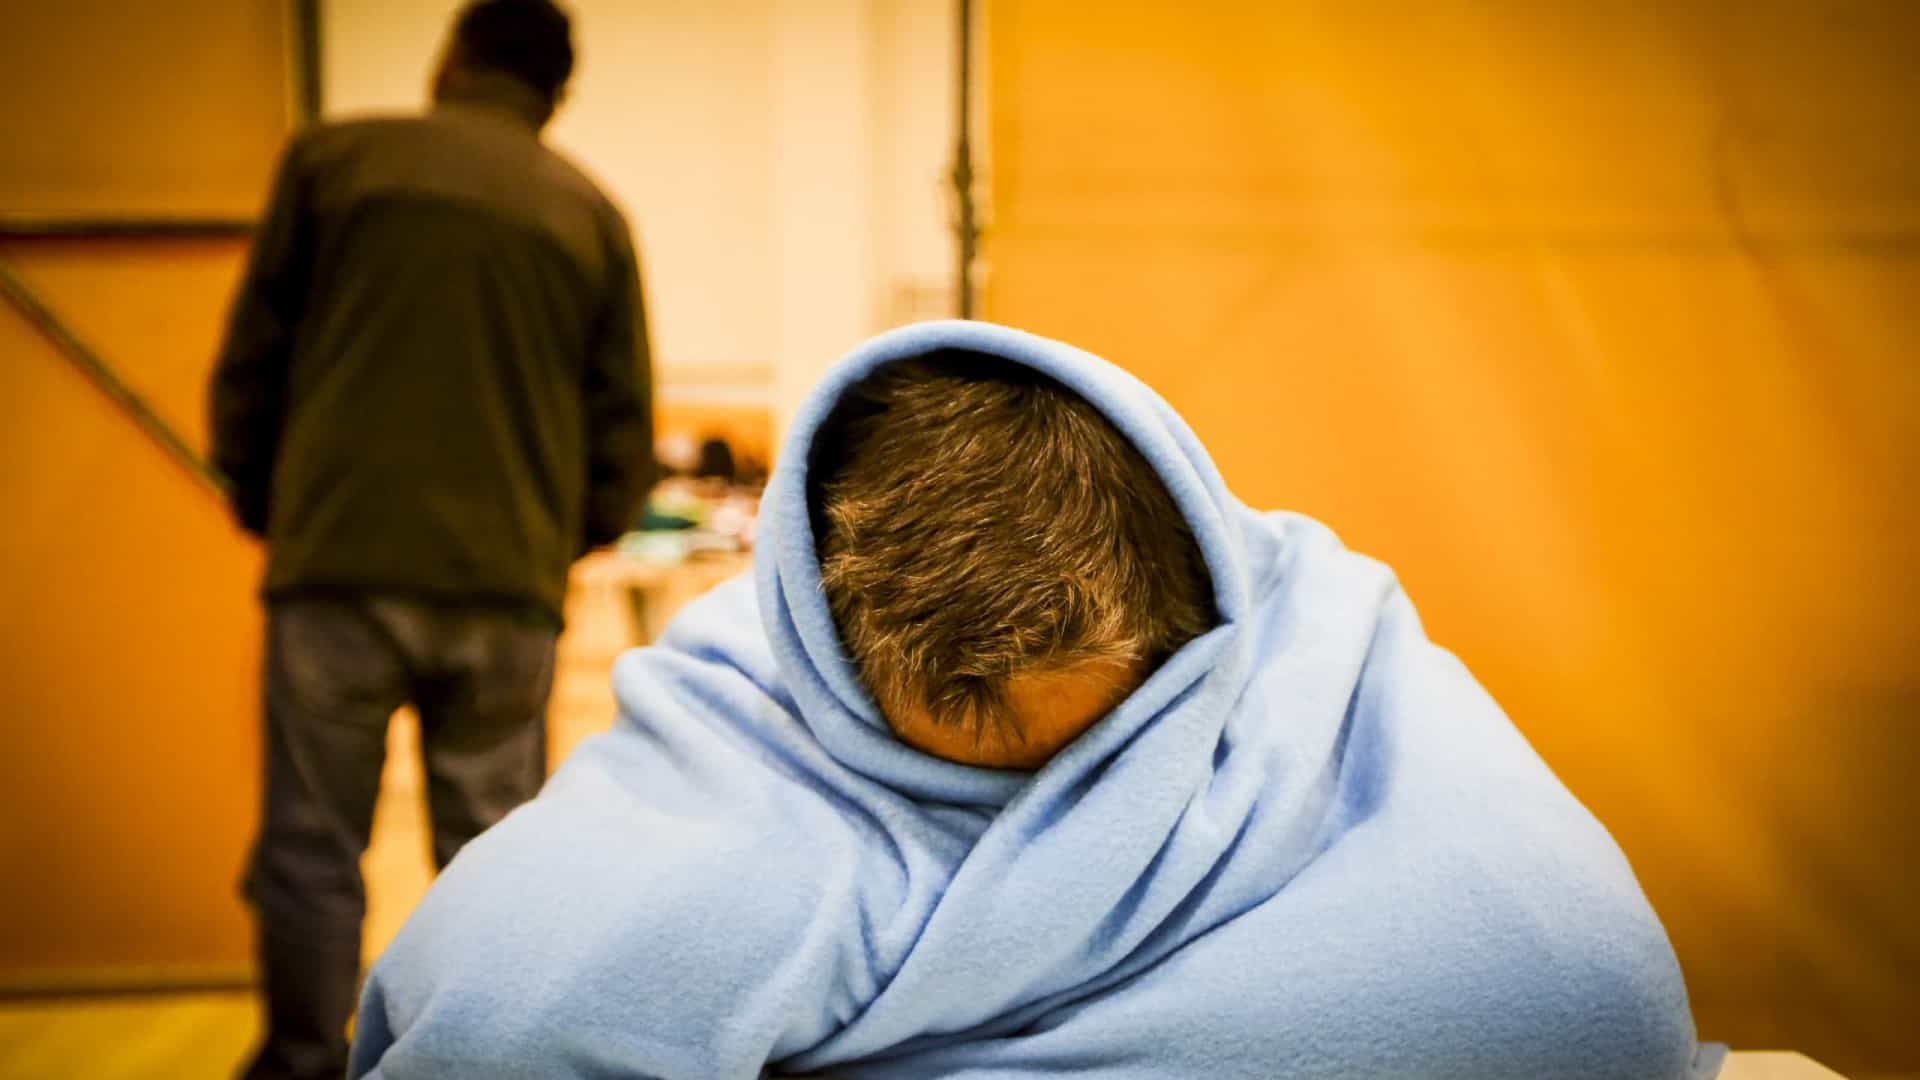 Plano de apoio aos sem-abrigo contra frio ativado às 19h de amanhã